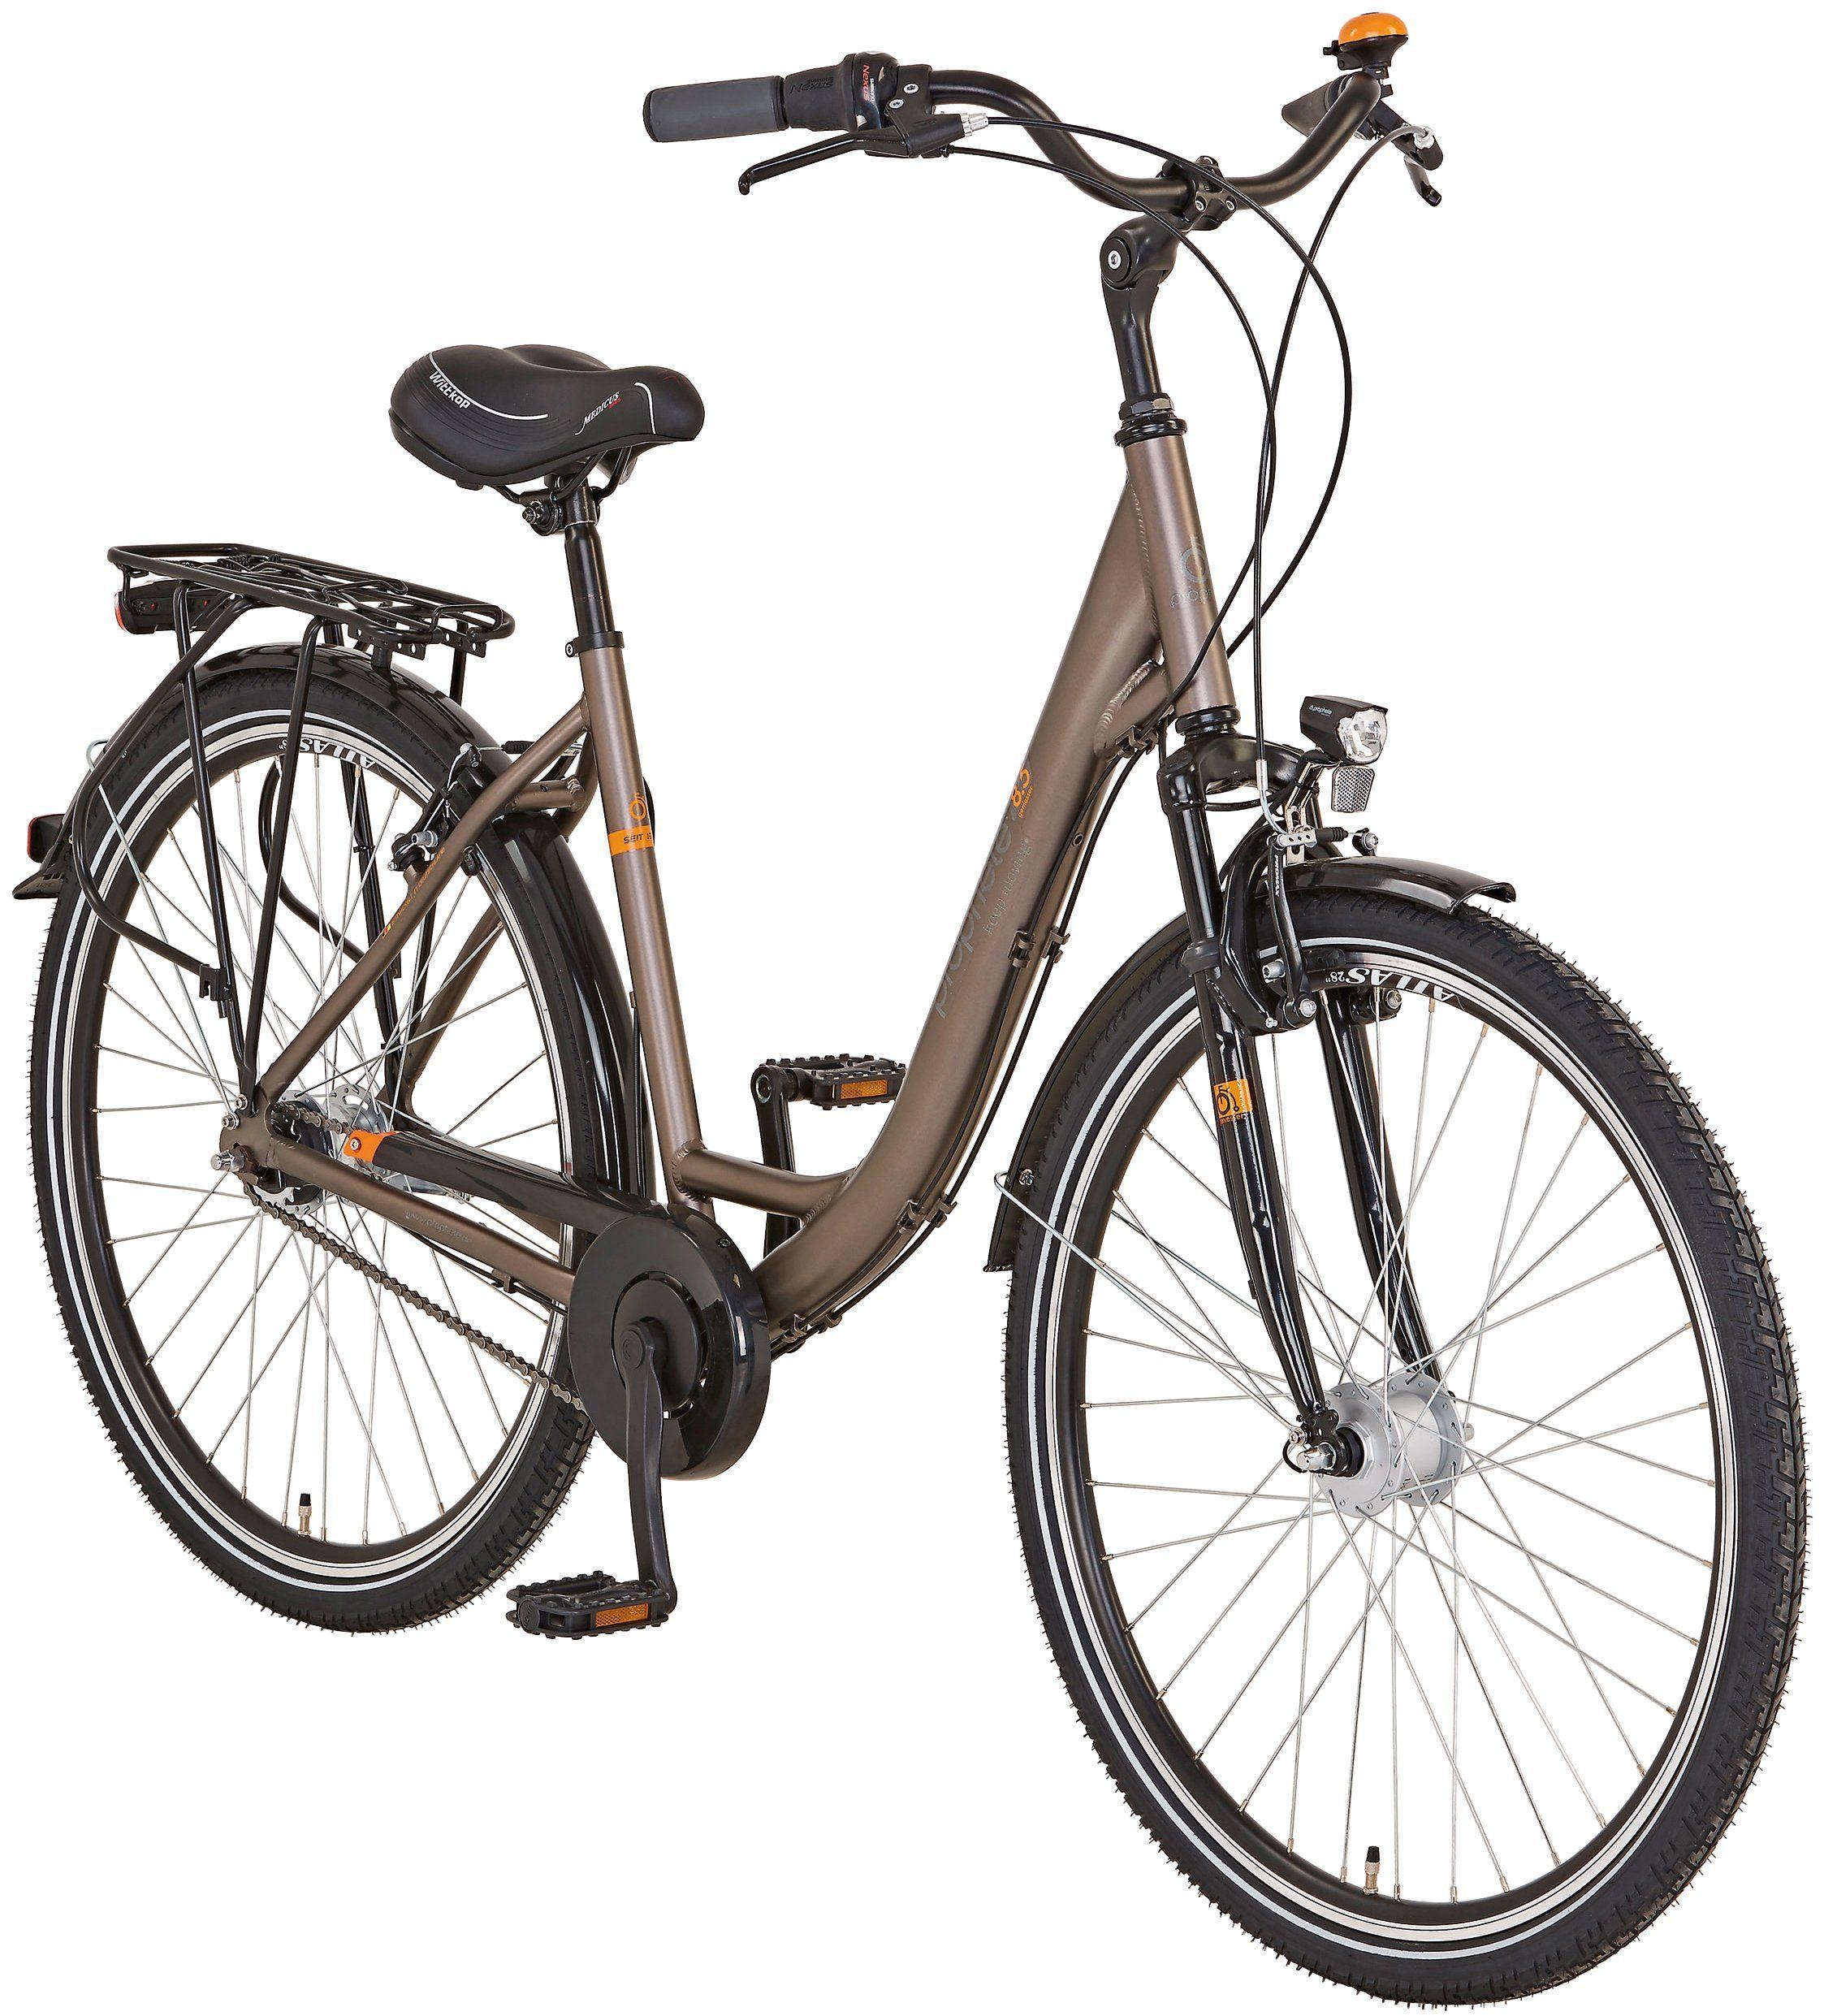 PROPHETE Citybike Damen »Alu-City GENIESSER 8.7«, 28 Zoll, 7 Gang, Rohrgepäckträger